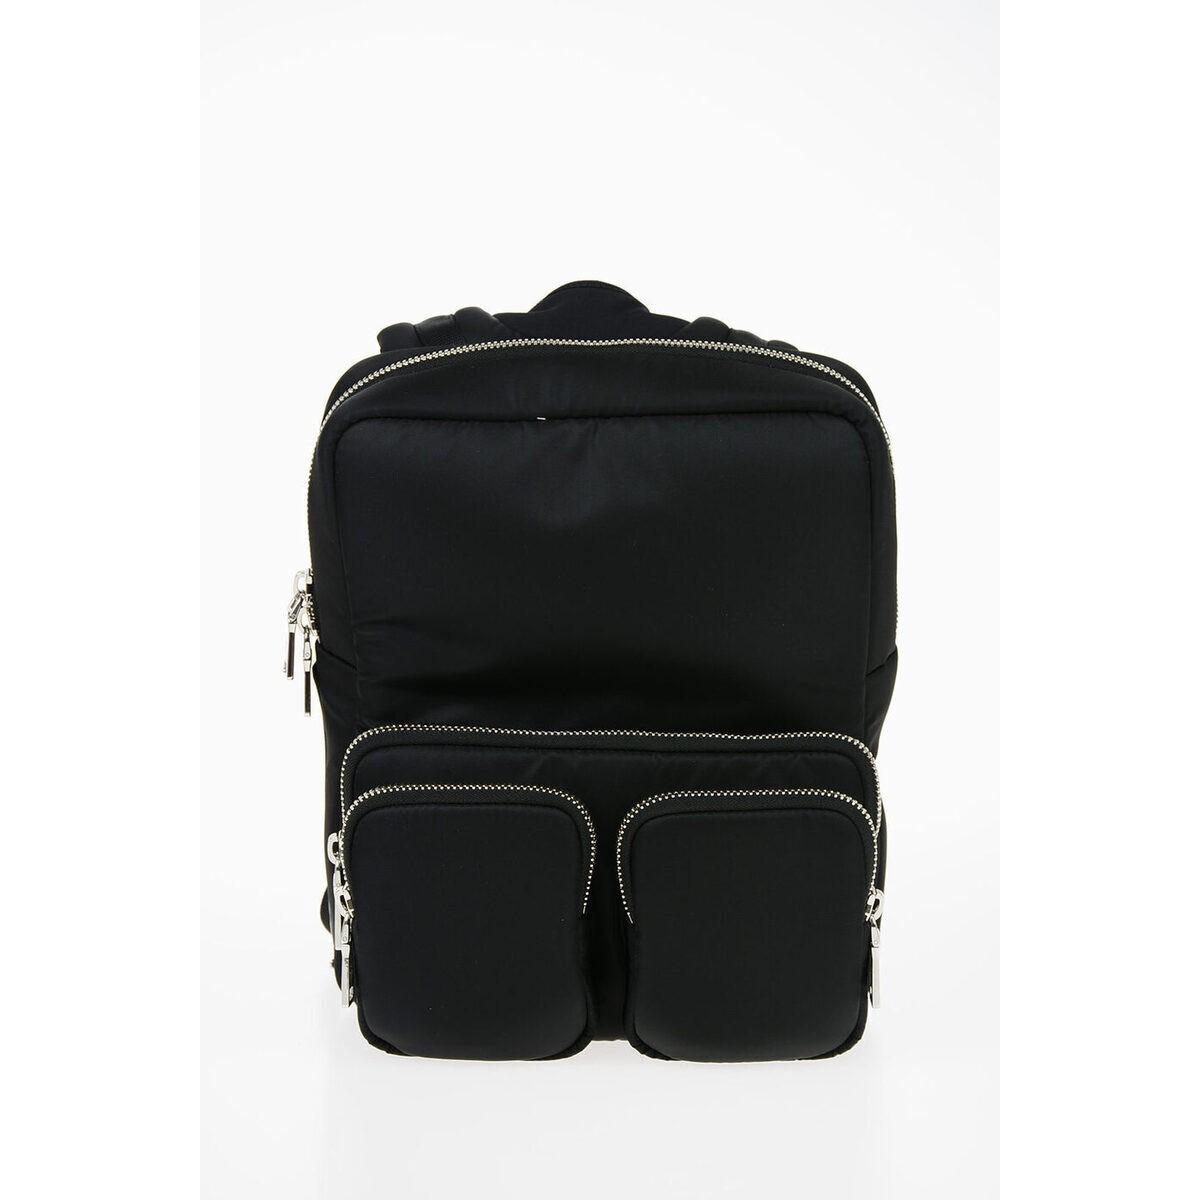 定番 PRADA/プラダ Black Backpack Zip メンズ Fabric Multi-Pocket Backpack with Black Zip Closure dk, アイズインテリアショップ:90f525df --- wedding.houzerz.com